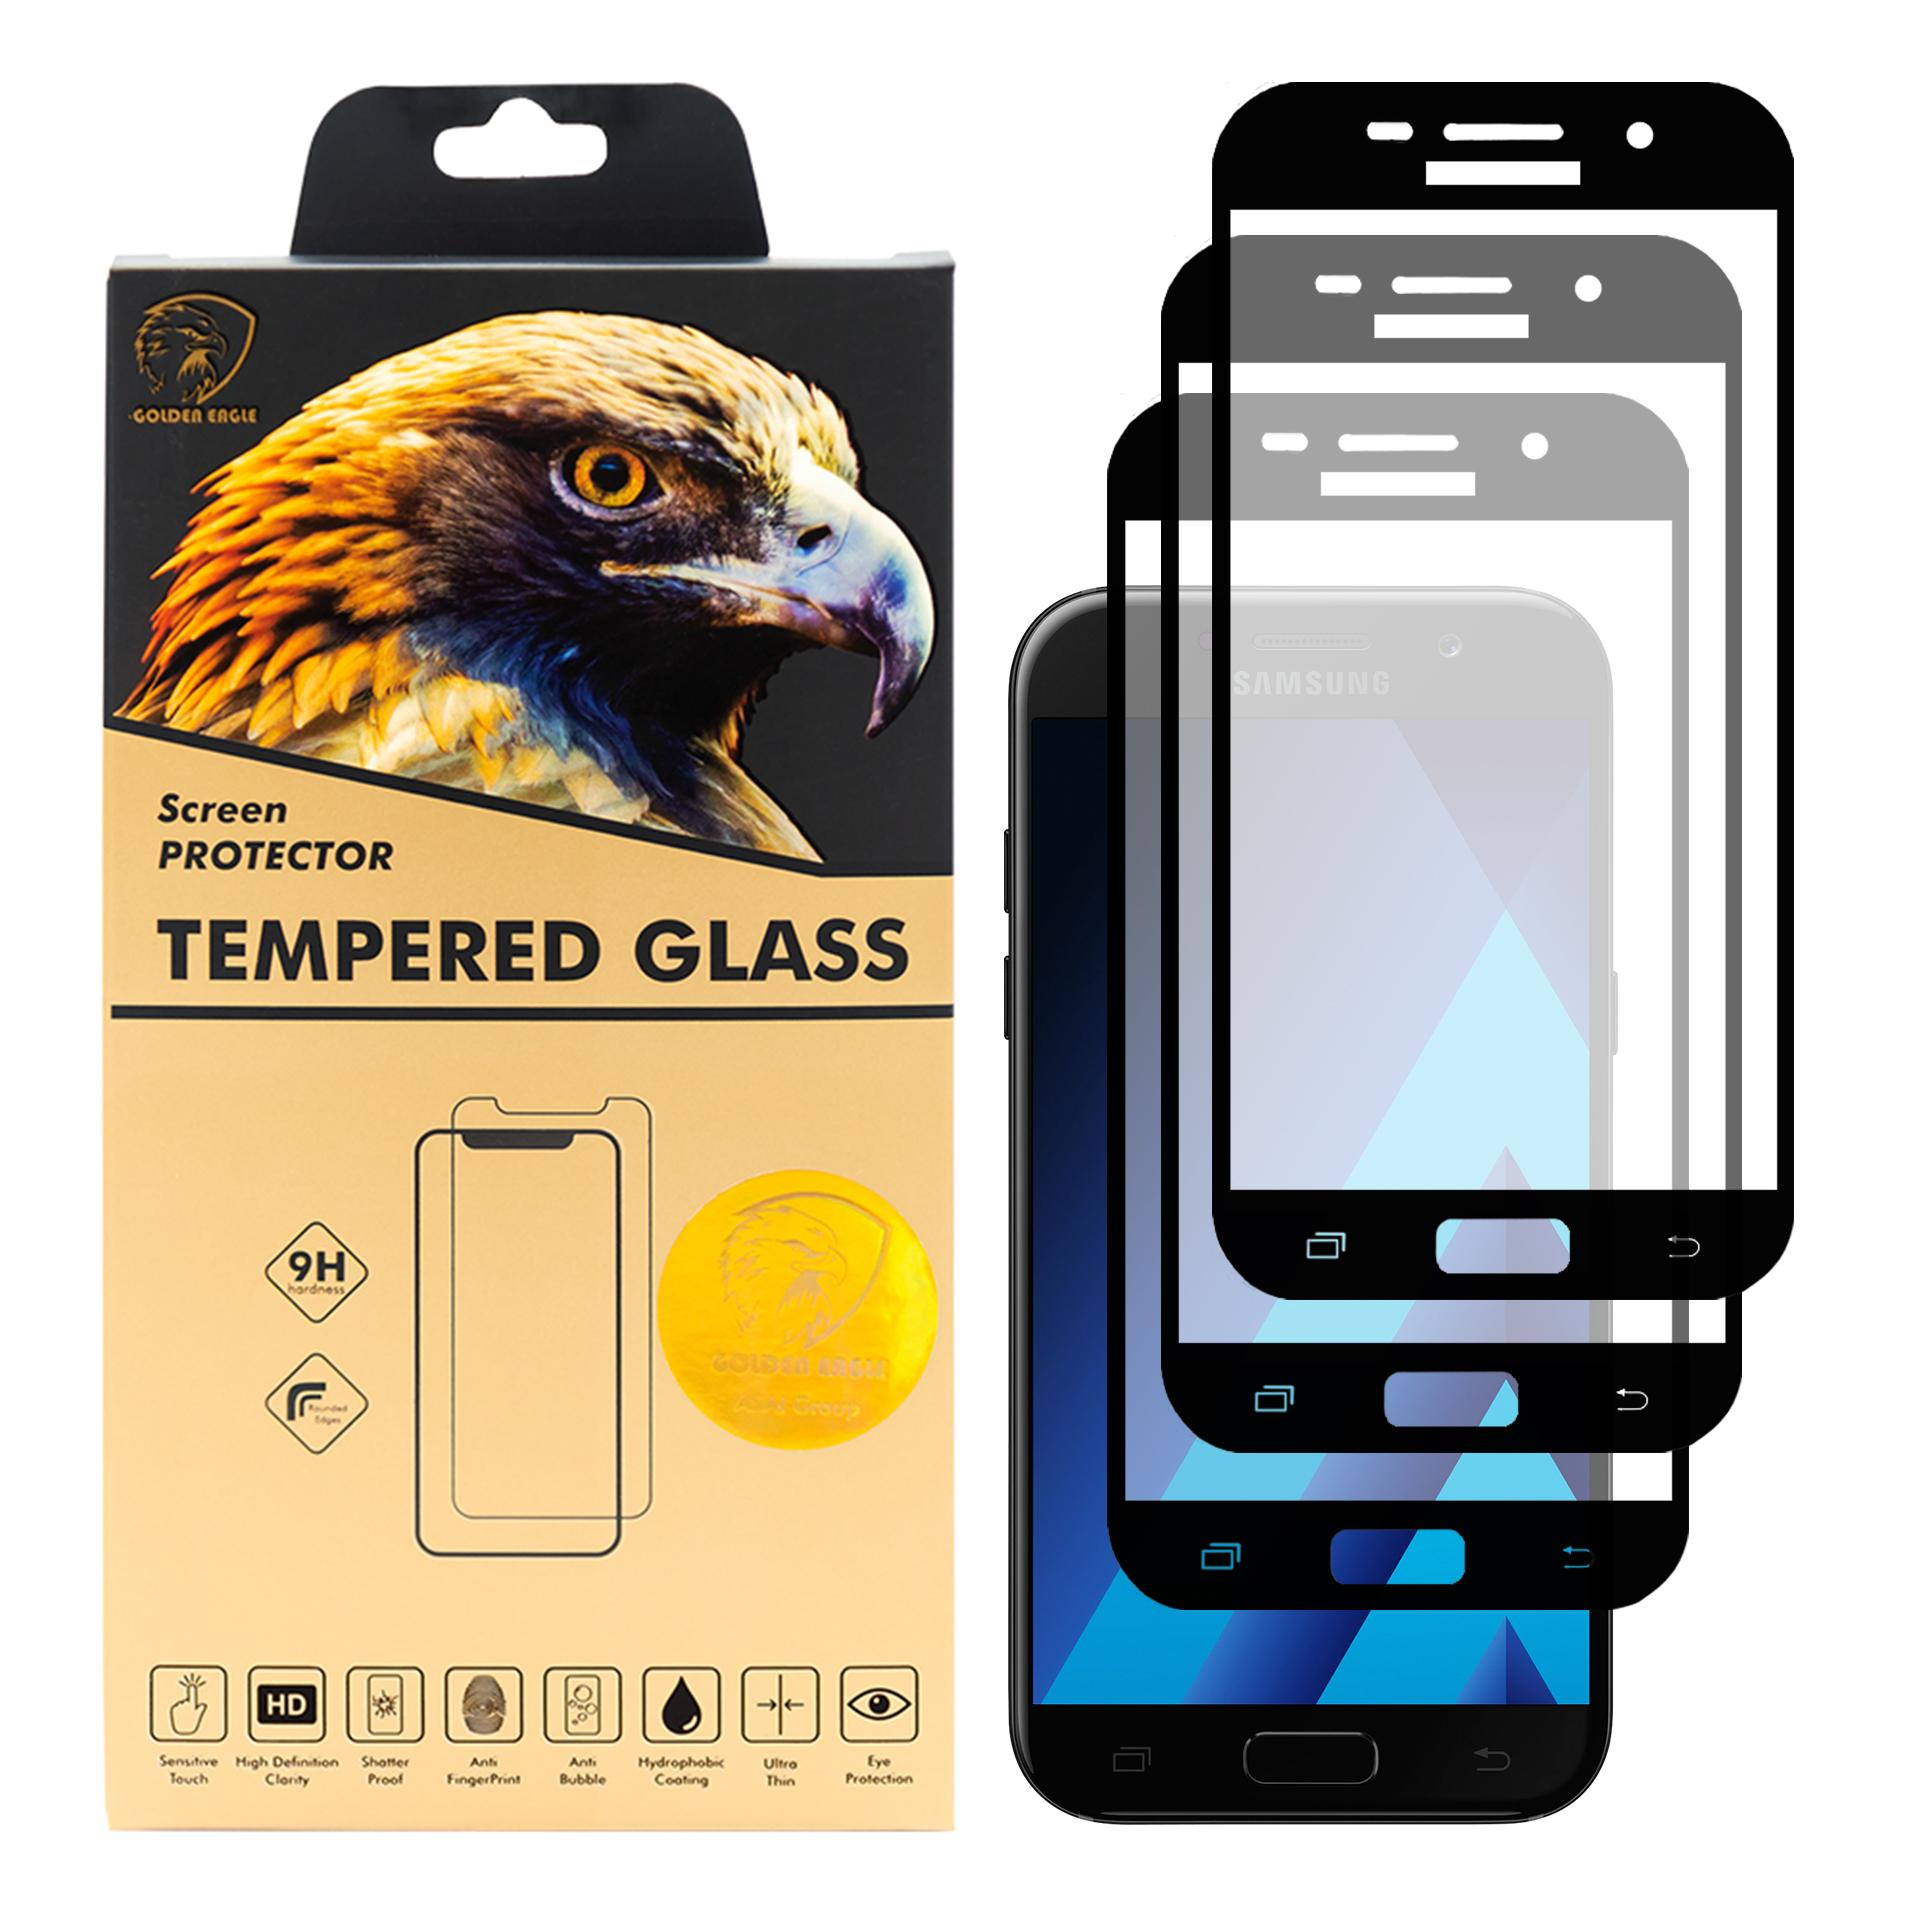 محافظ صفحه نمایش گلدن ایگل مدل DFC-X3 مناسب برای گوشی موبایل سامسونگ Galaxy A5 2017 بسته سه عددی thumb